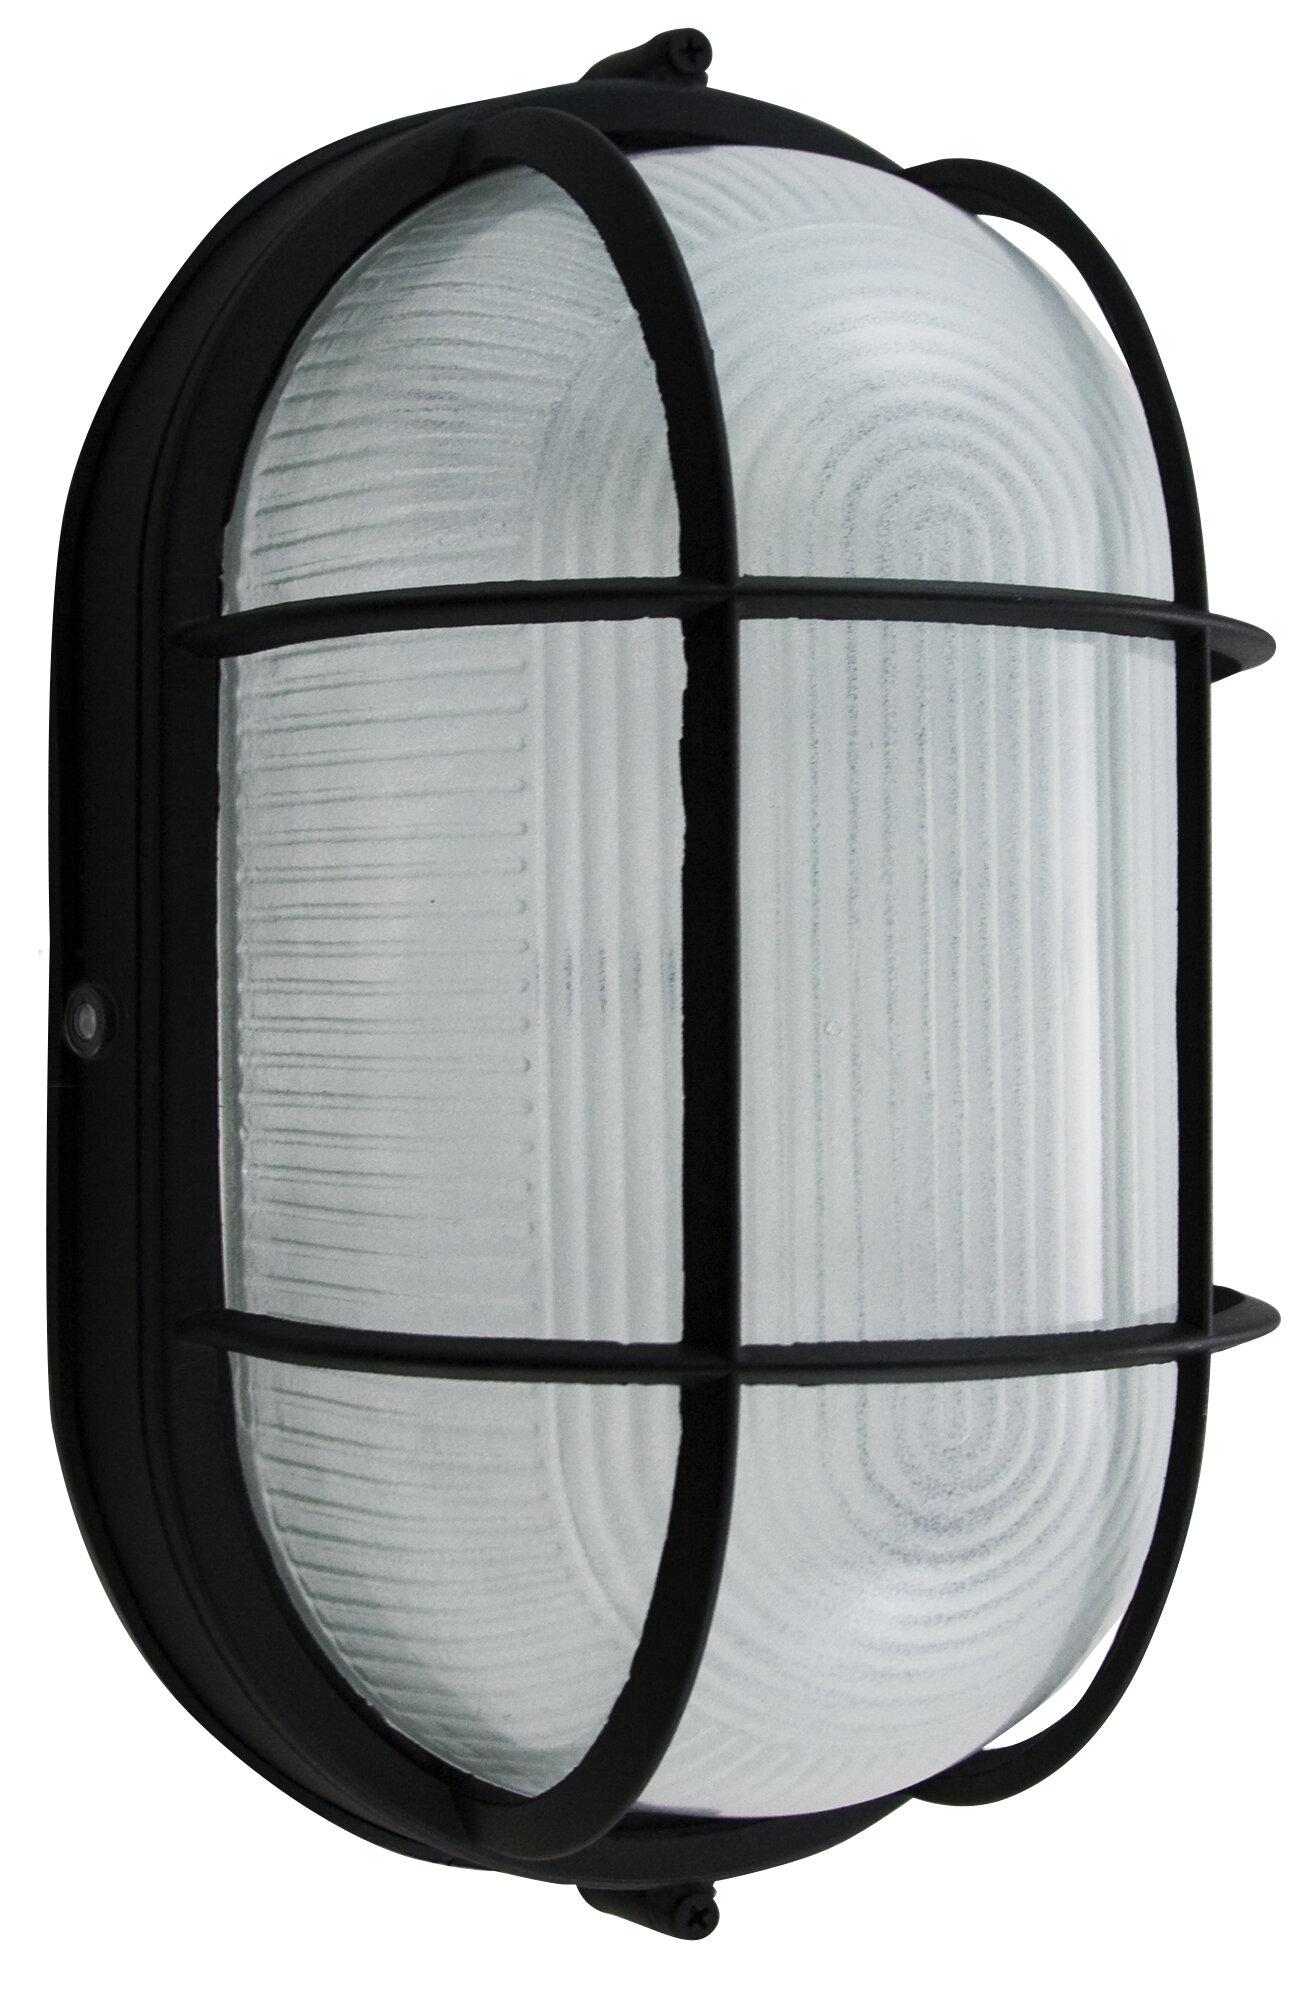 Efficientlighting Outdoor 1 Light Bulkhead